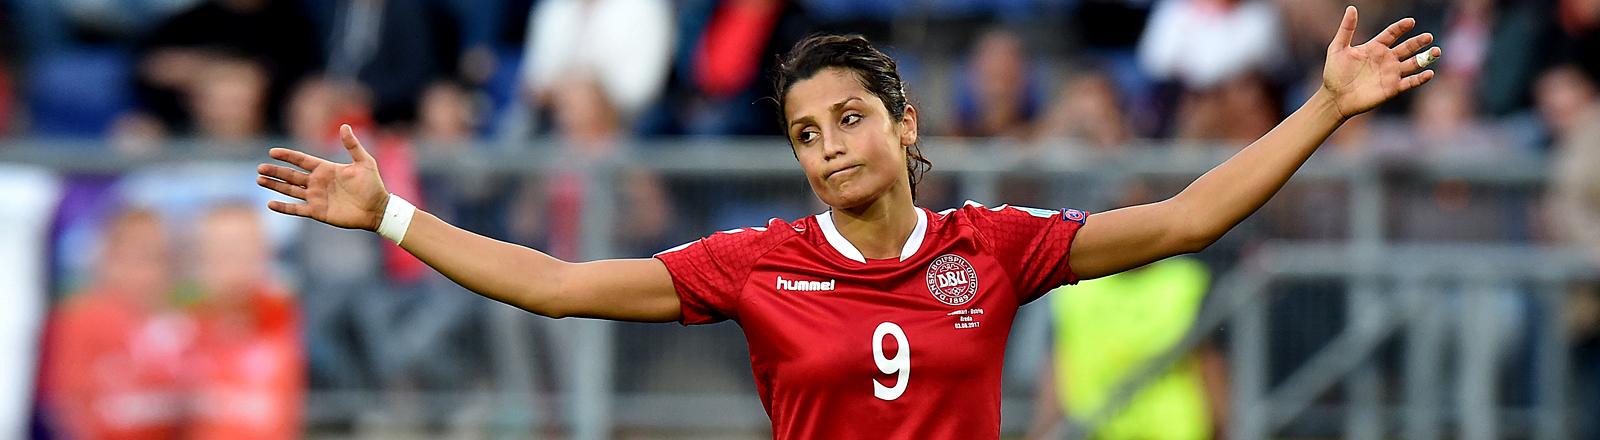 Nadia Nadim, Fußballerin in der dänischen Nationalmannschaft